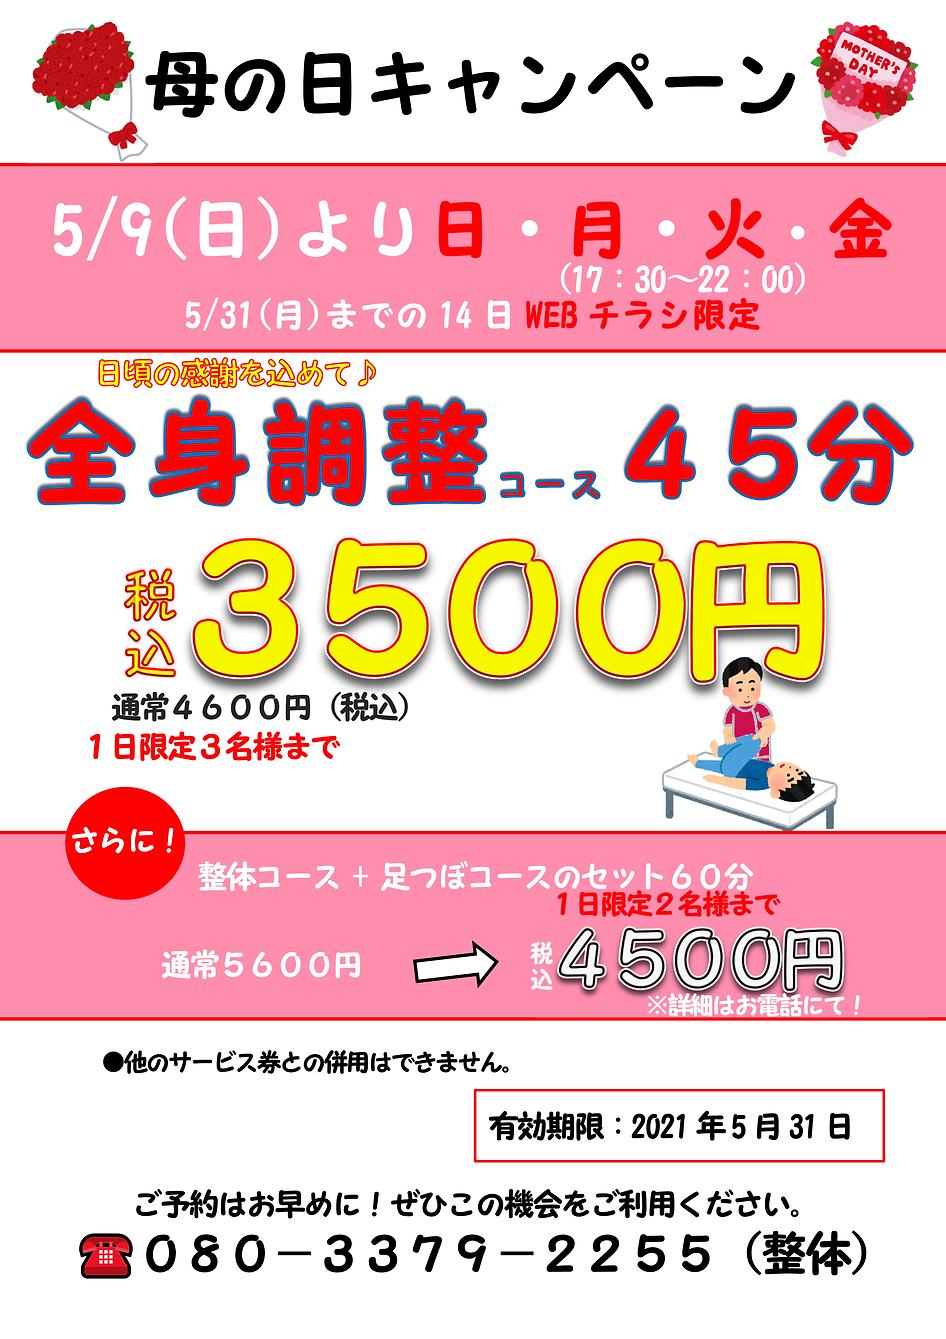 5月母の日キャンペーン全身調整.png